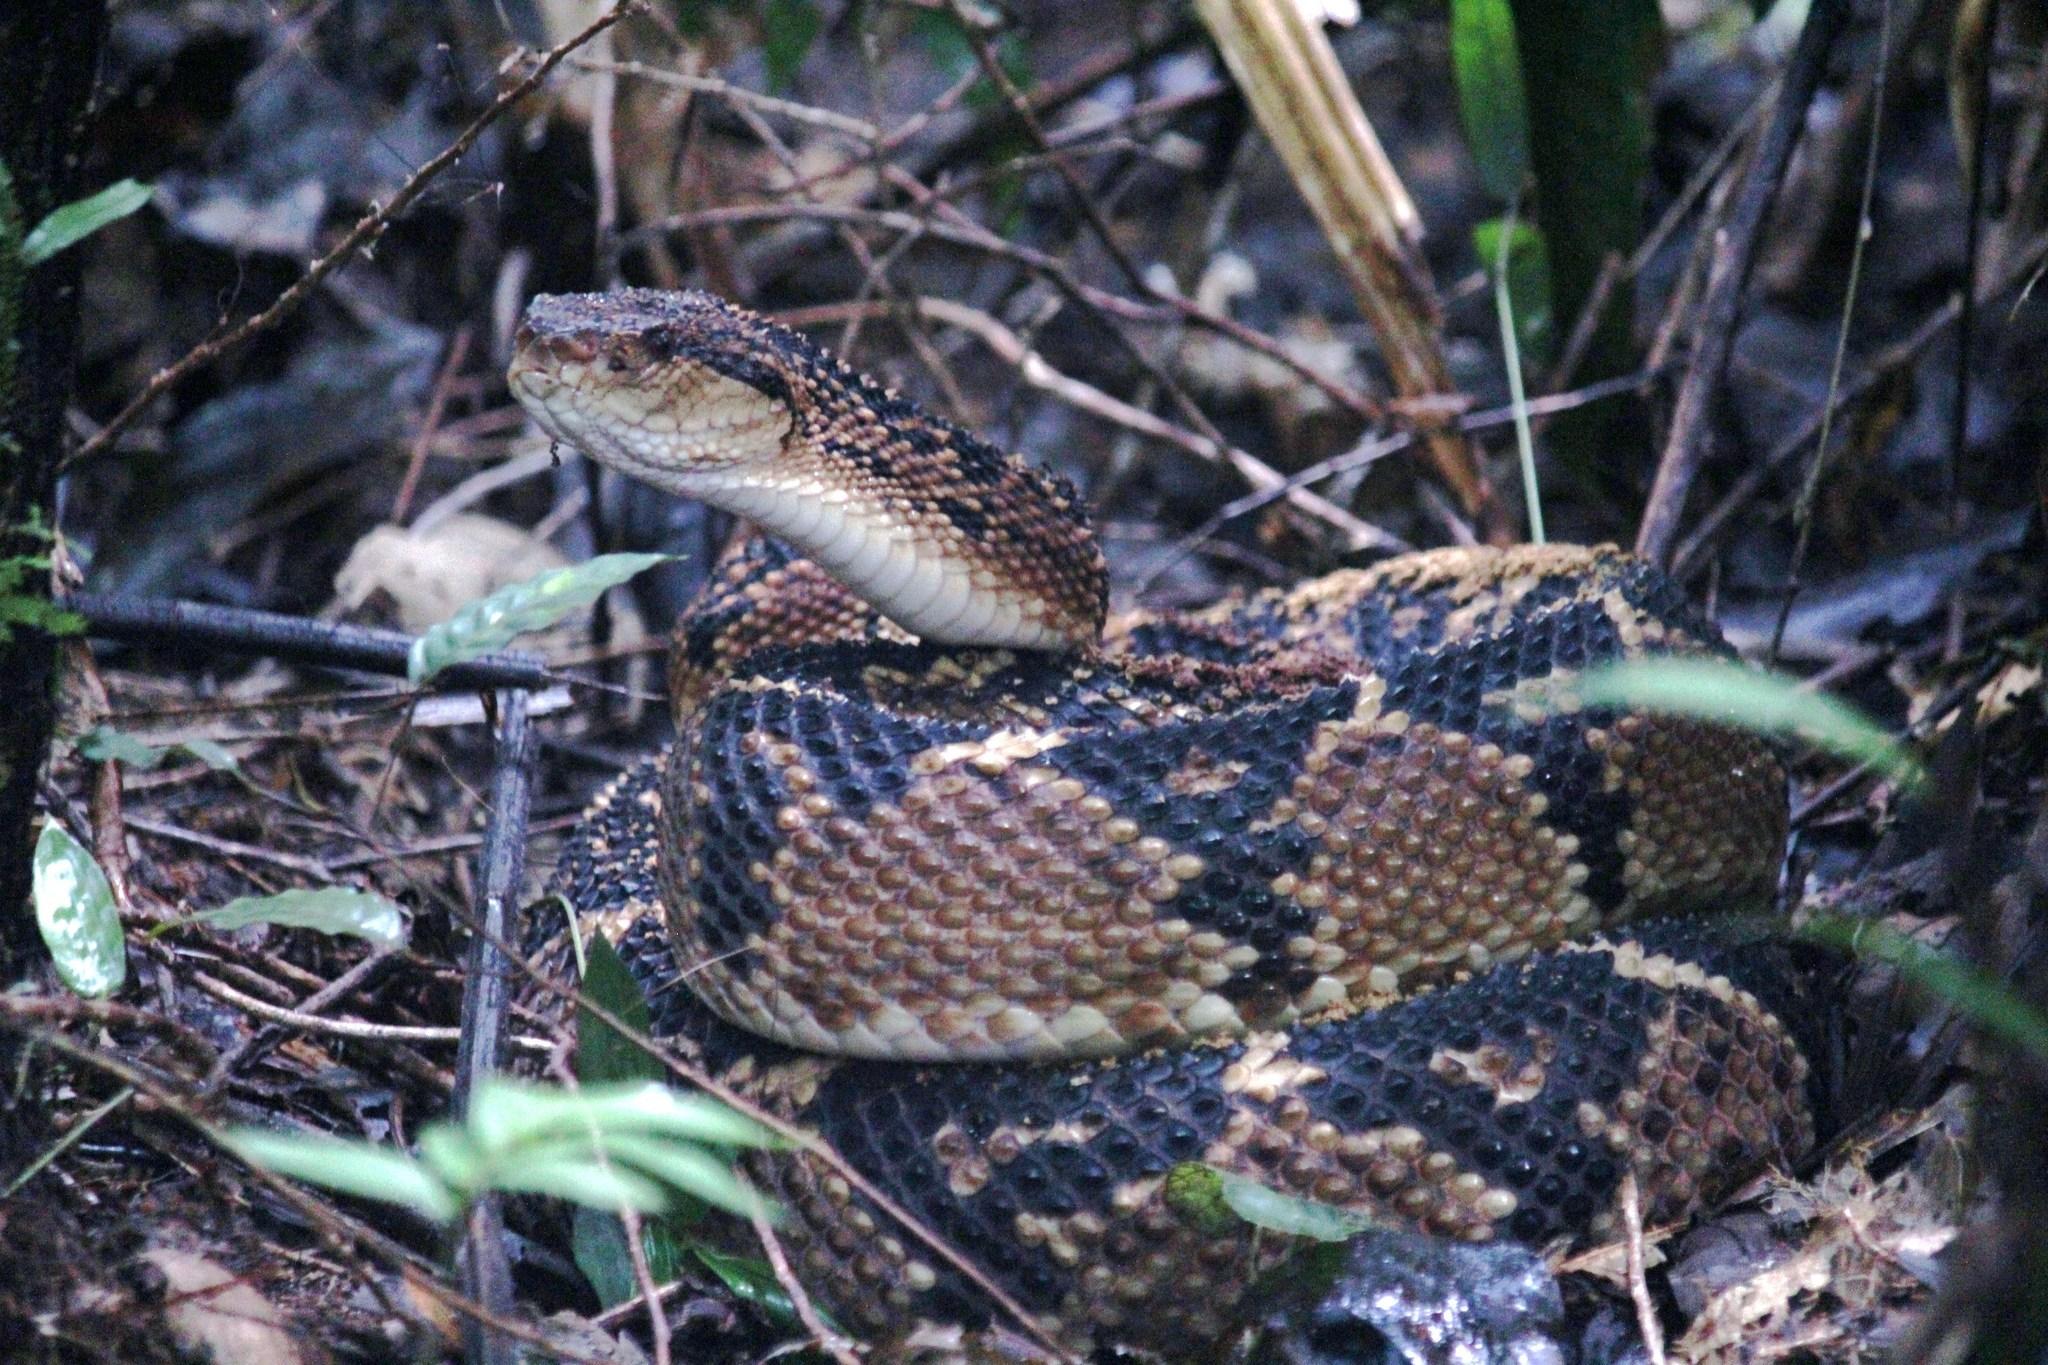 Image of Bushmaster